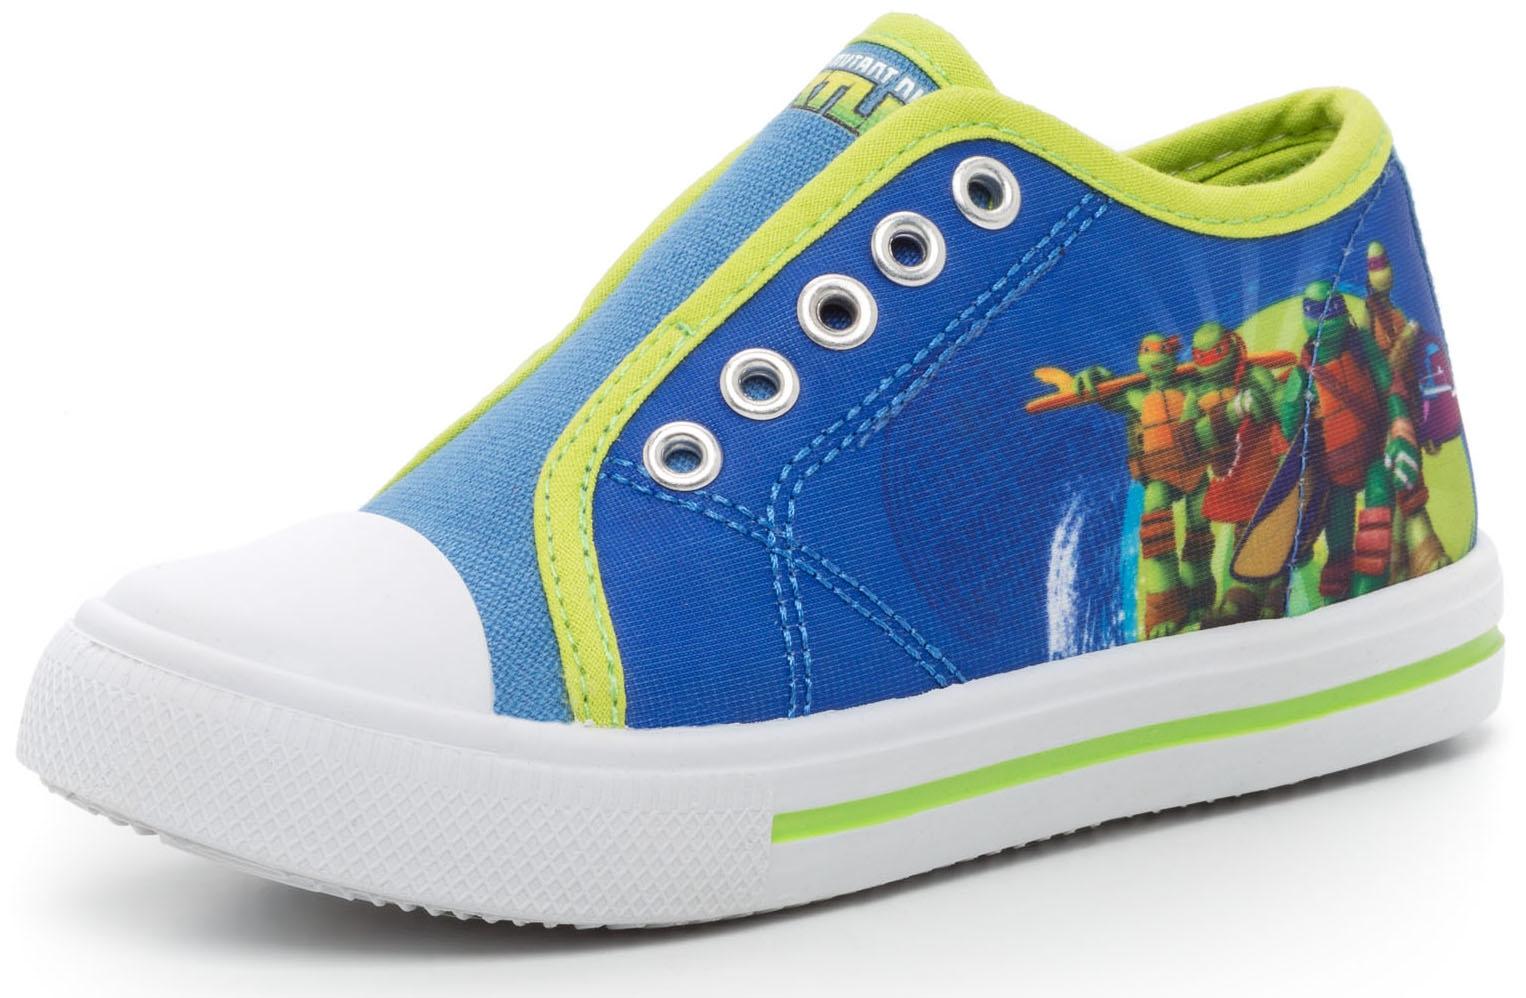 Черепашки Ниндзя TM NINJA TURTLES Полуботинки типа кроссовых для мальчика Tm Ninja Turtles, синий с красной отделкой фигурка ninja turtles черепашки ниндзя 12 см в ассортименте